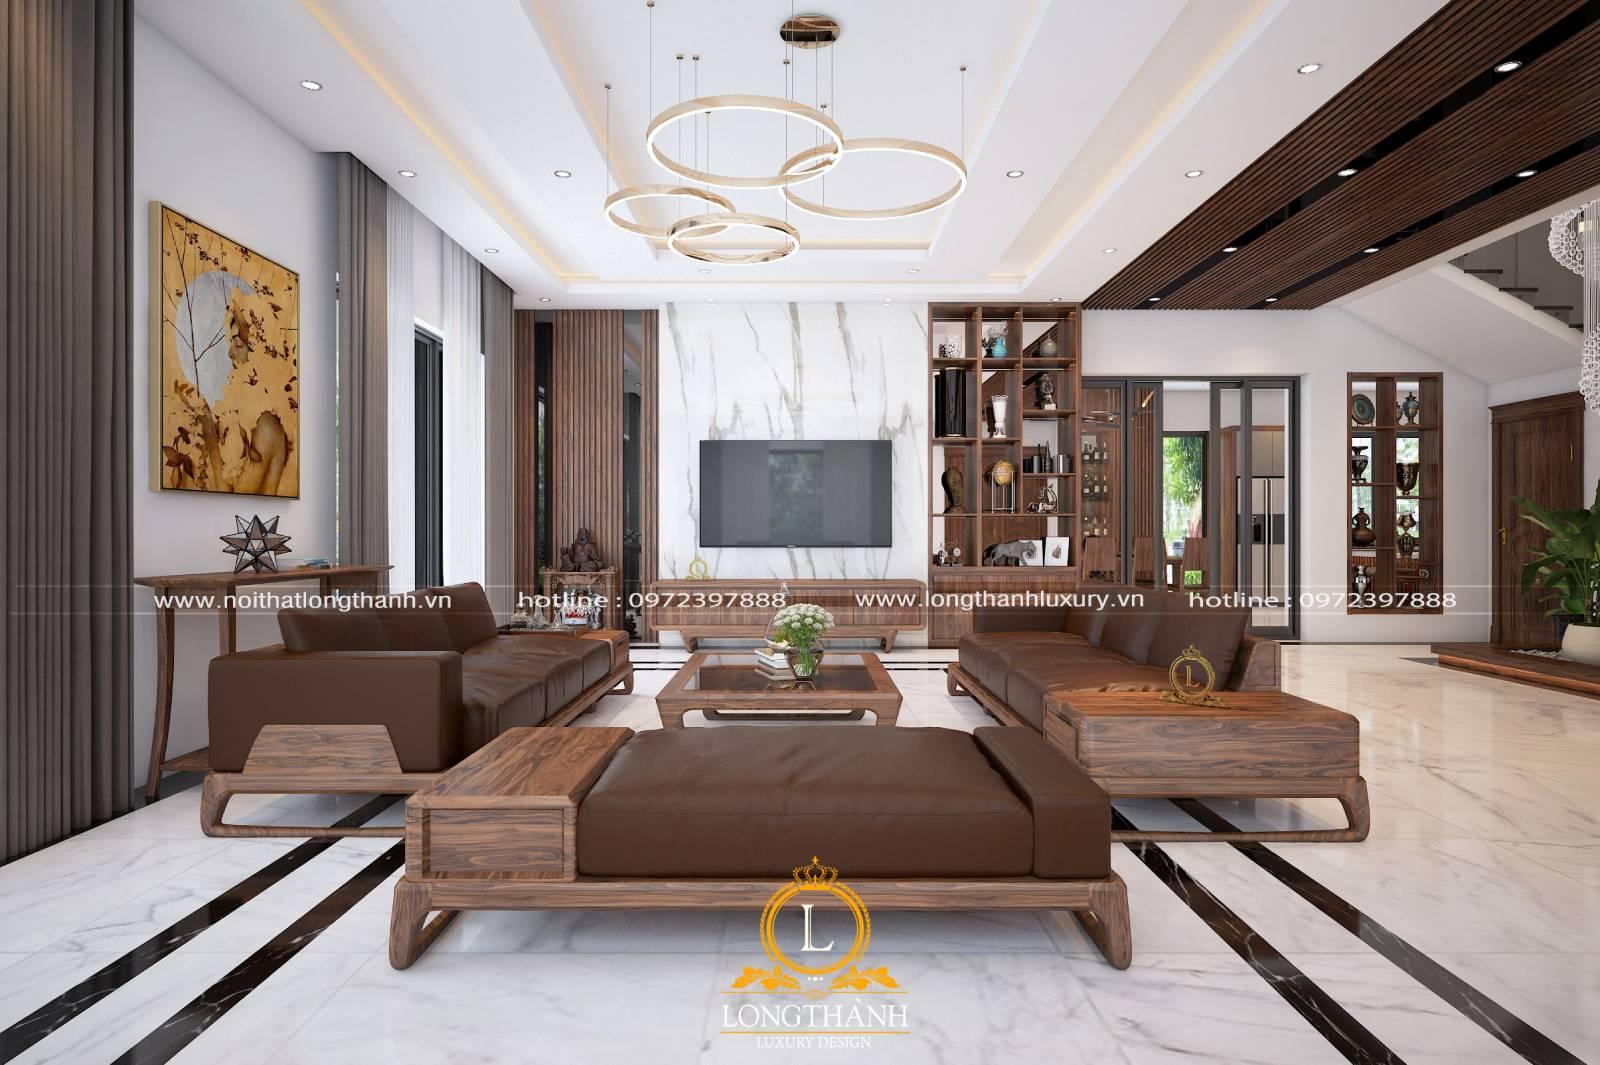 Thiết kế nội thất phòng khách biệt thự song lập theo phong cách hiện đại